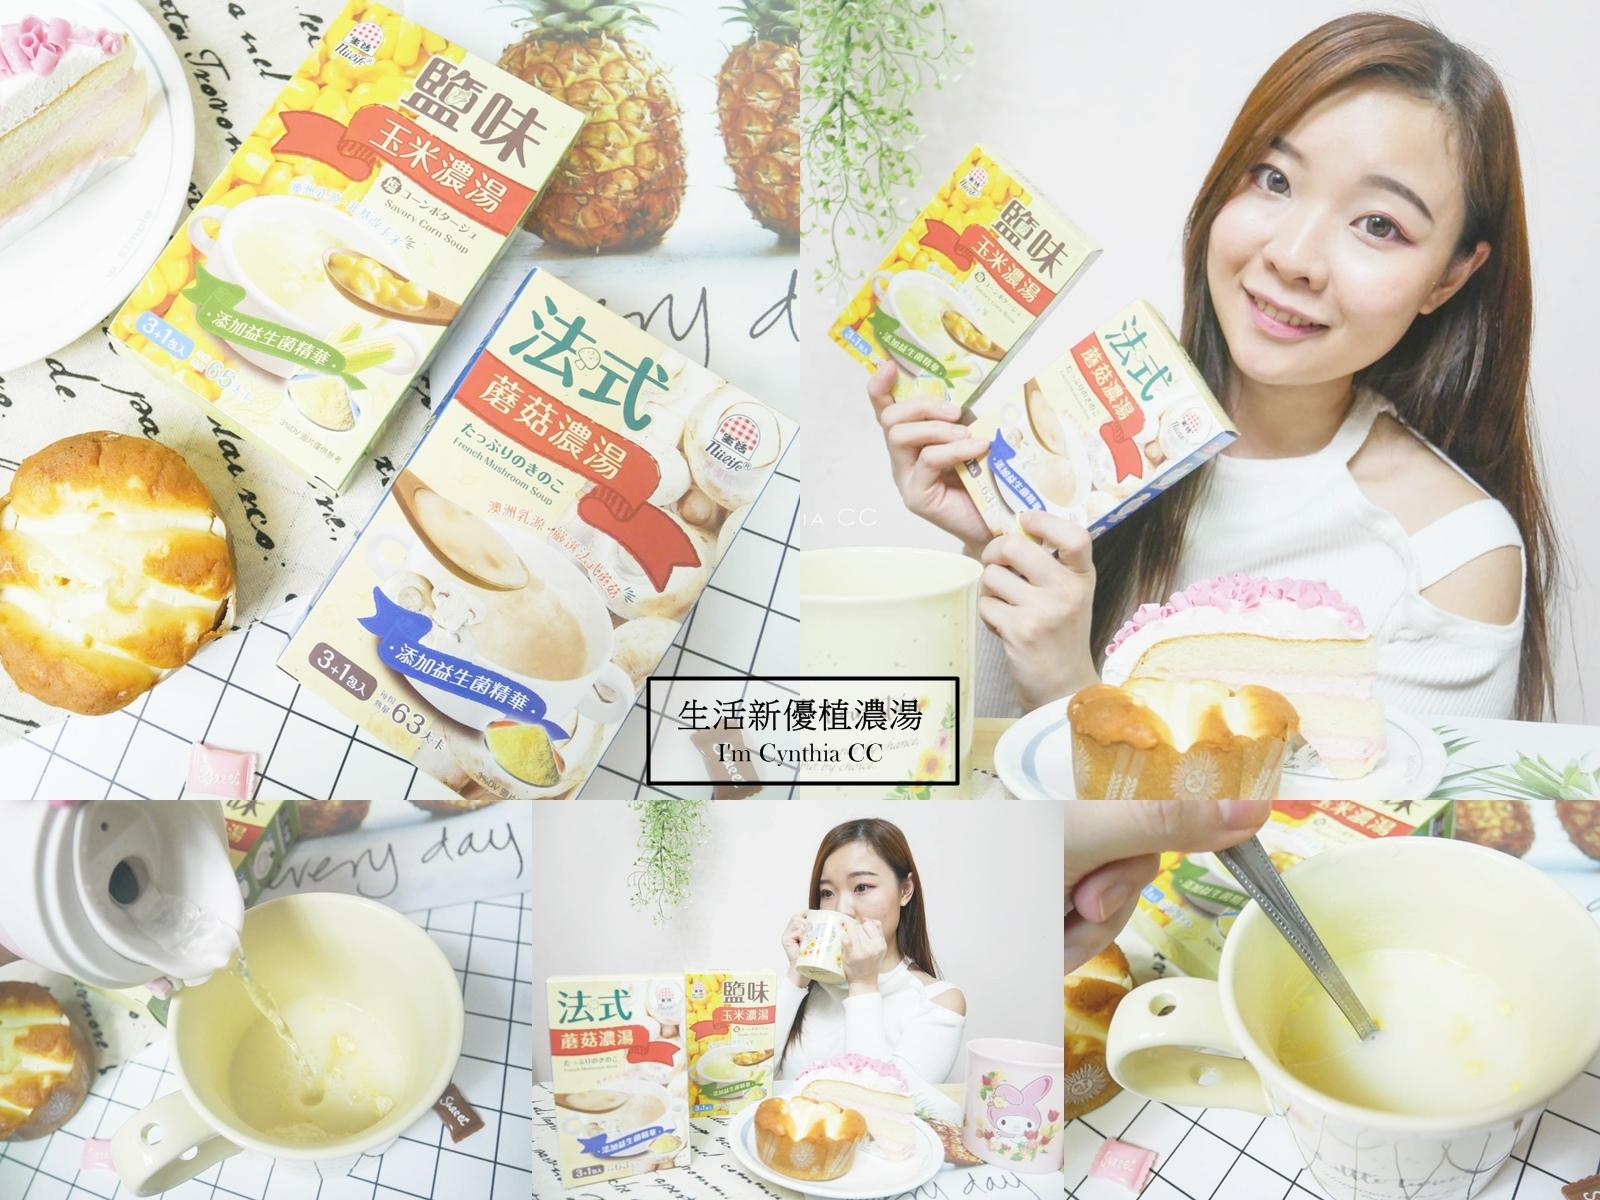 生活新優植沖泡式濃湯-鹽味玉米濃湯和法式蘑菇濃湯